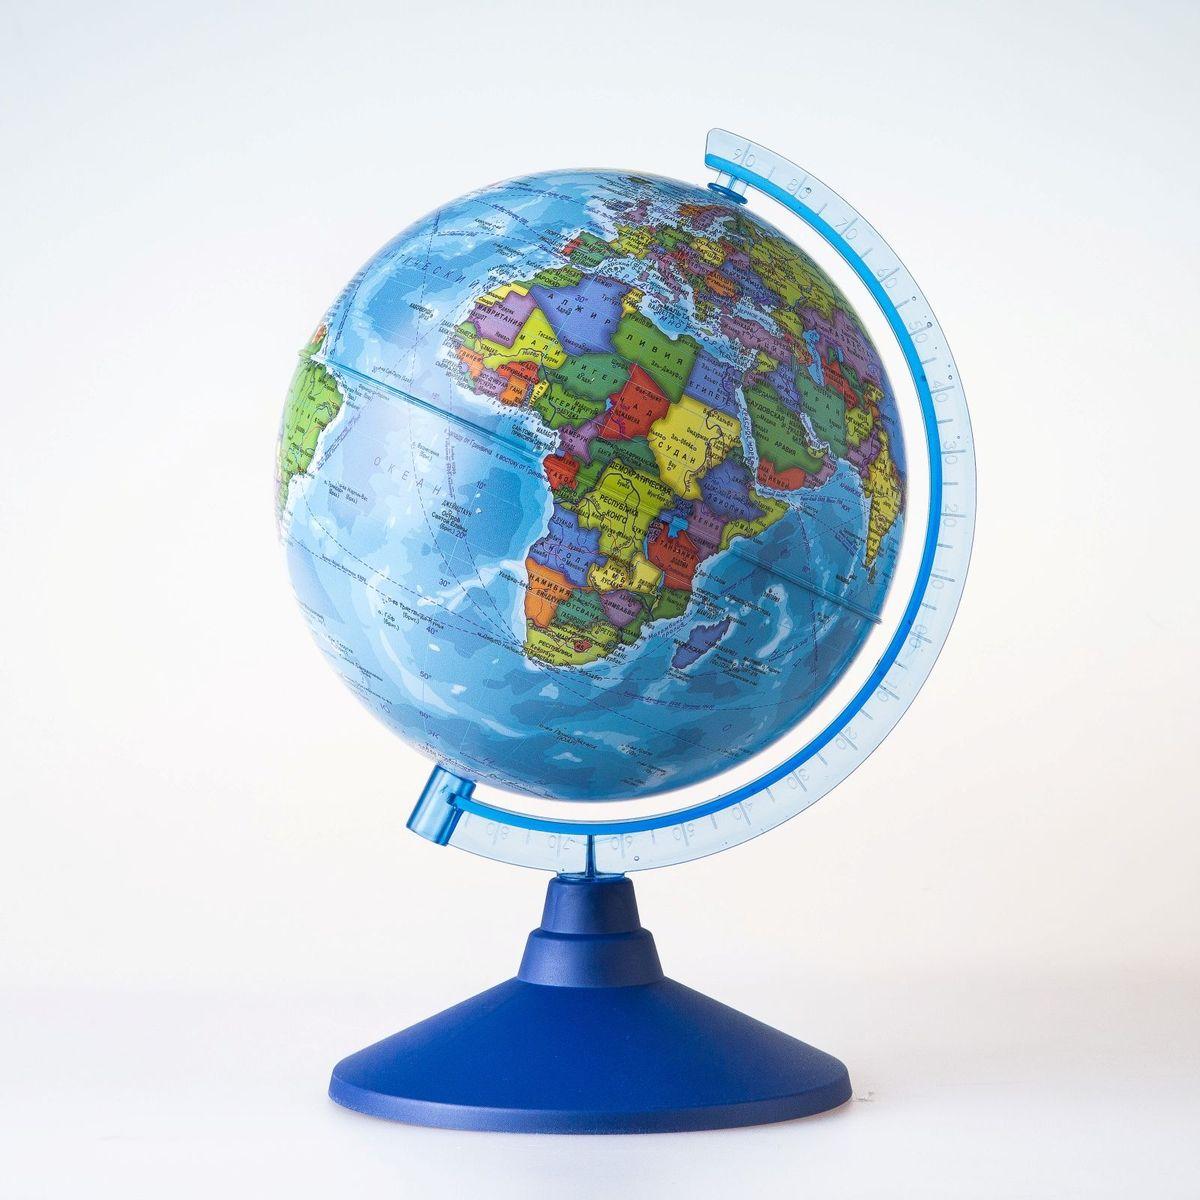 Глобен Глобус политический Классик Евро диаметр 15 см